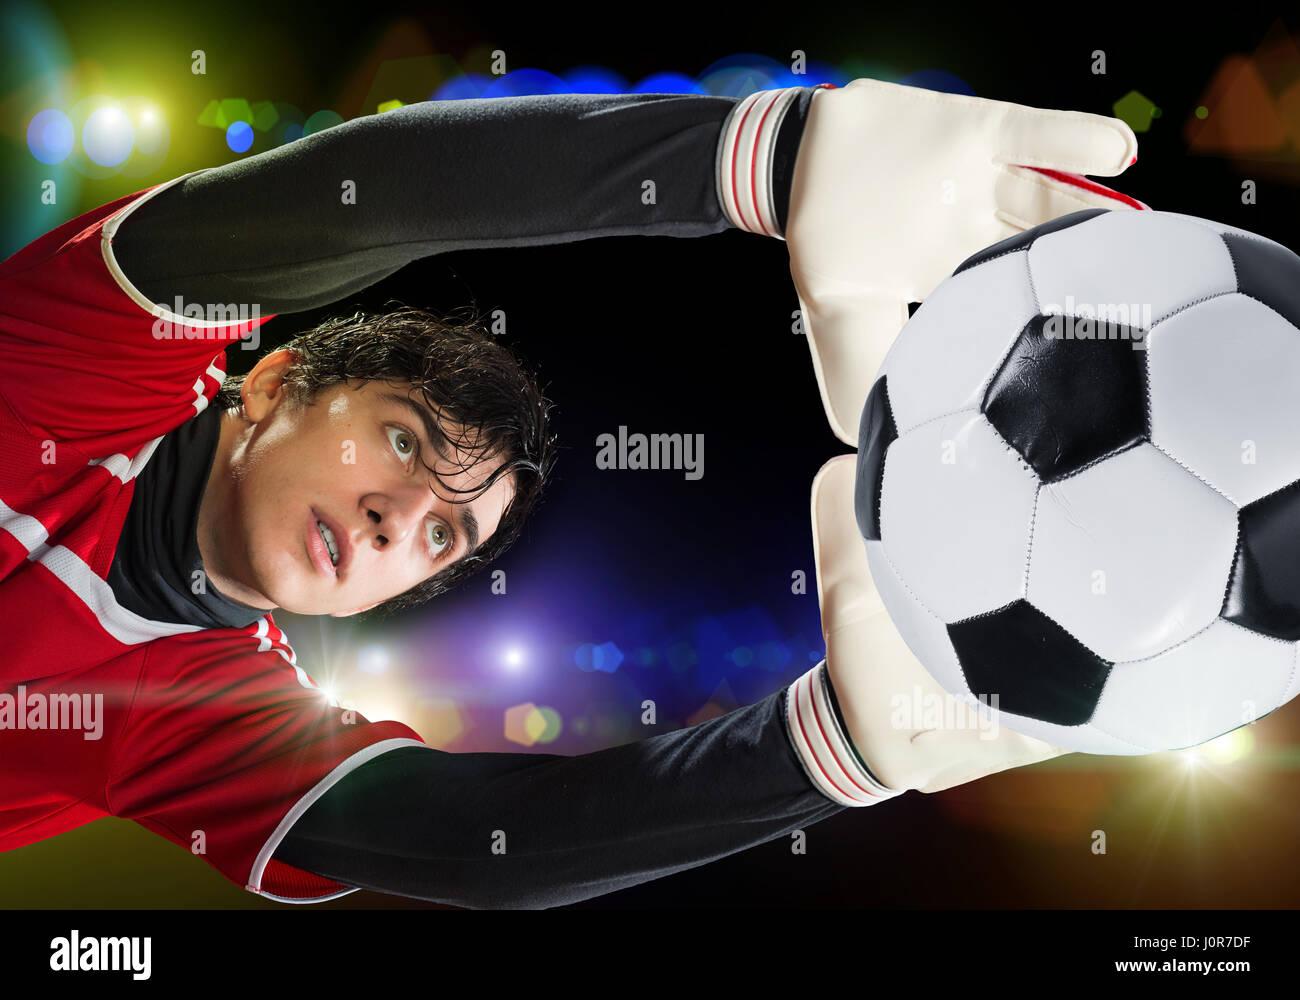 Best goalkeeper - Stock Image